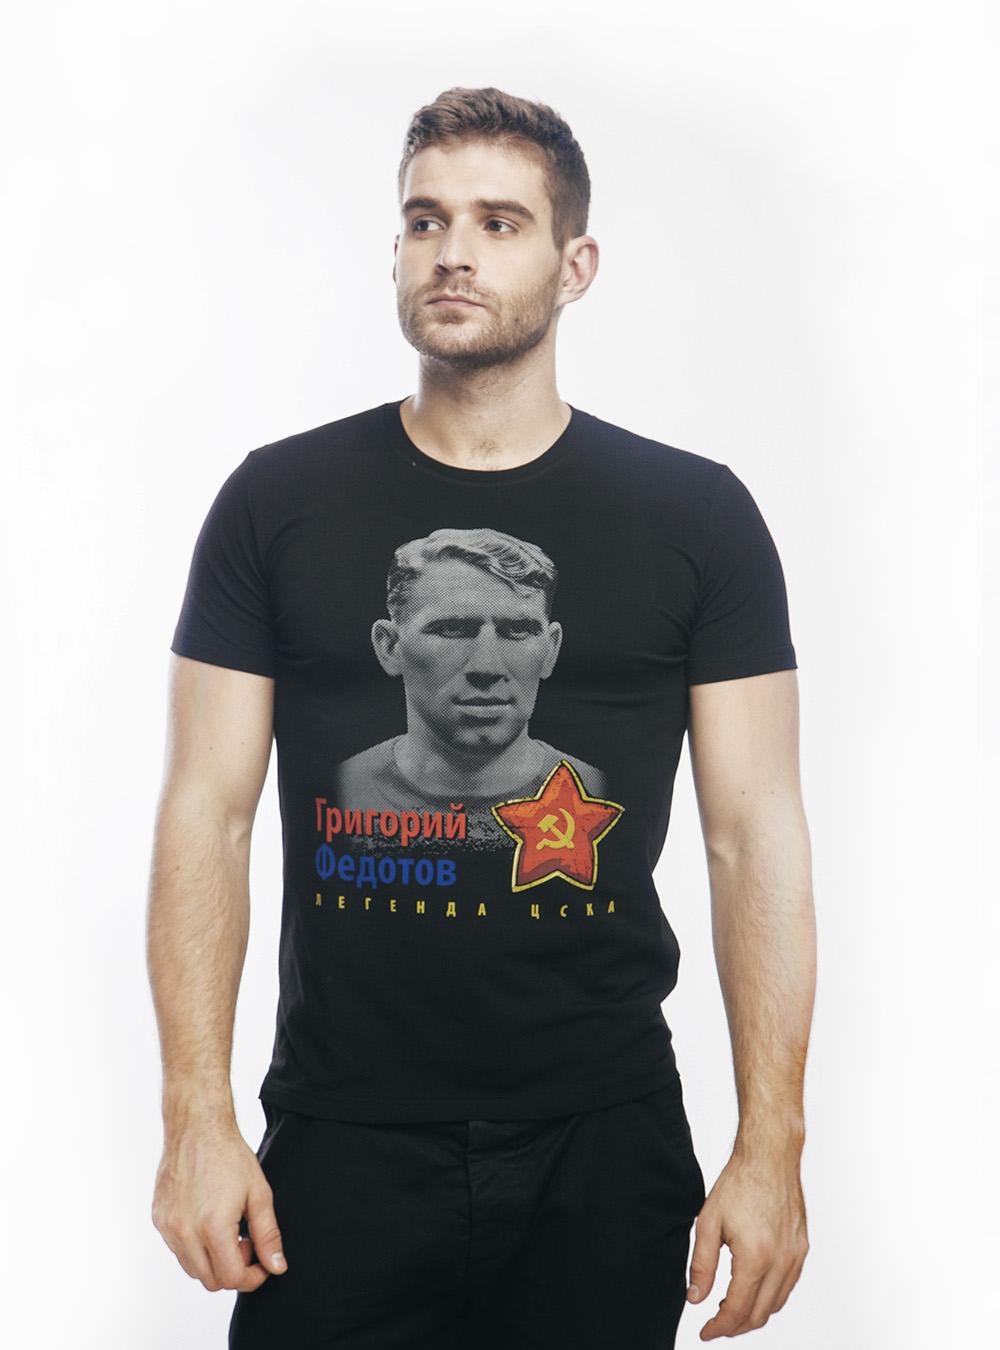 Купить Футболка мужская «Григорий Федотов», цвет черный (XXL) по Нижнему Новгороду